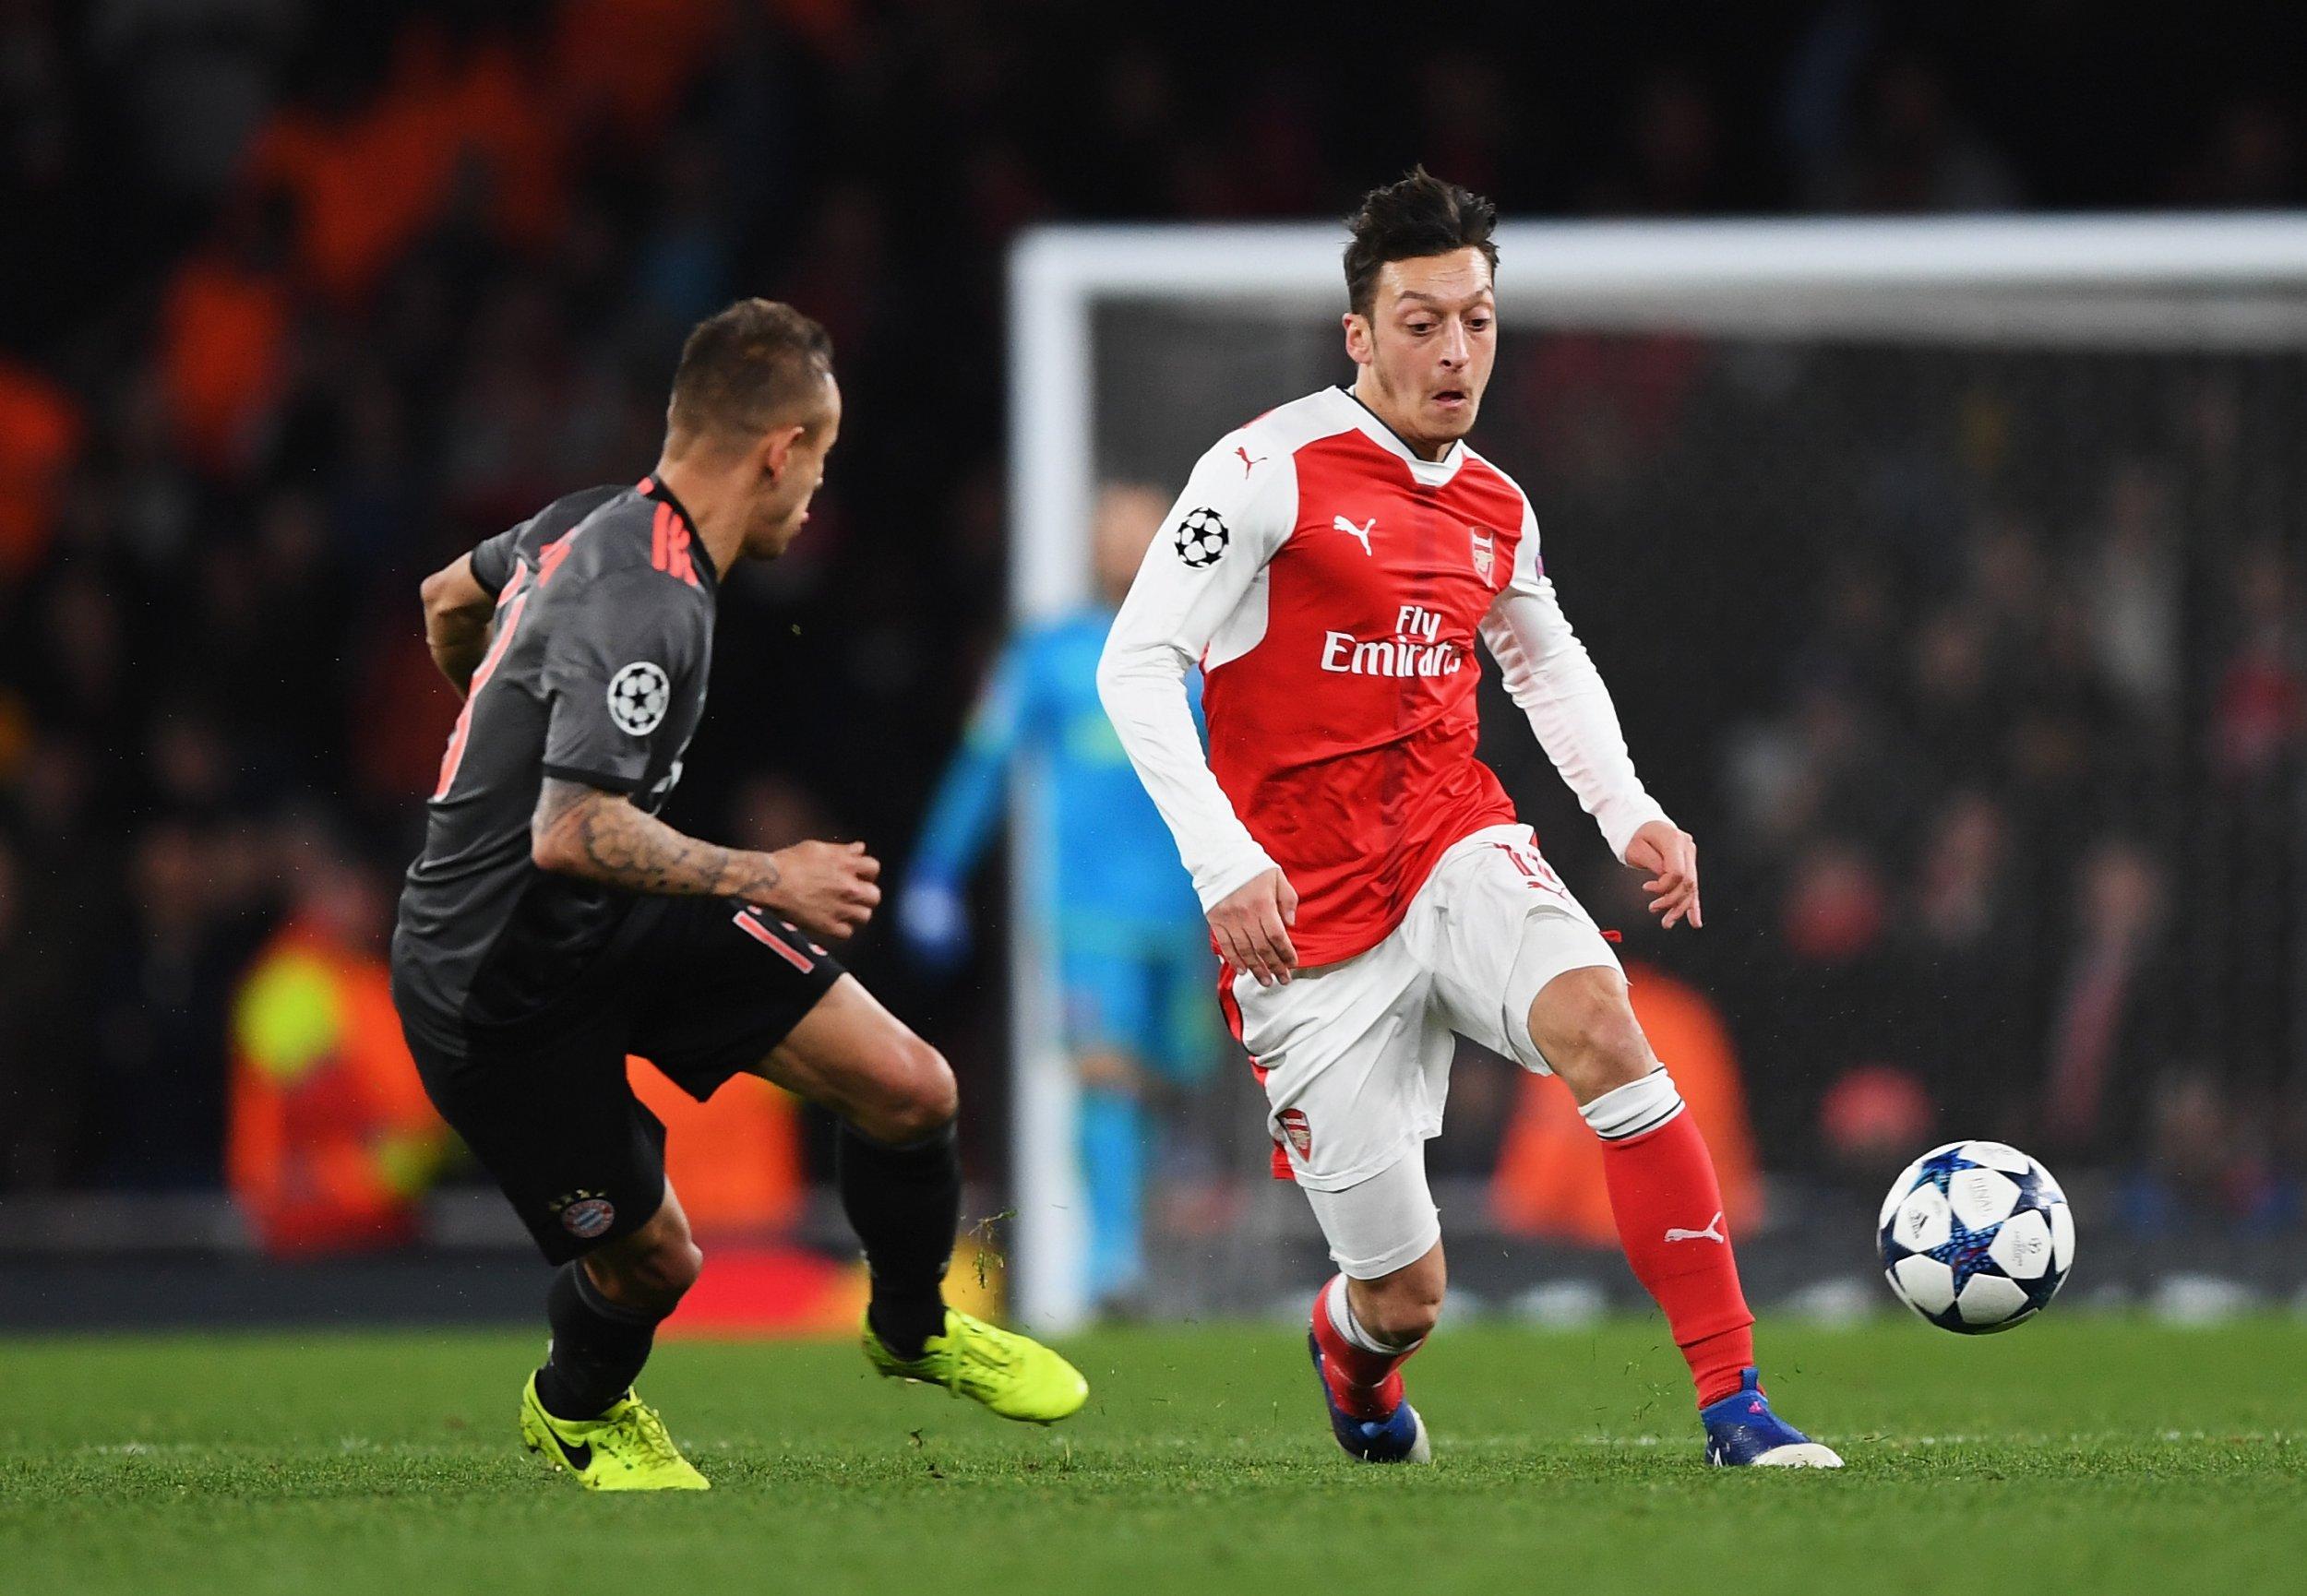 Mesut Ozil Will 'Make Decision Soon' Over Arsenal Future